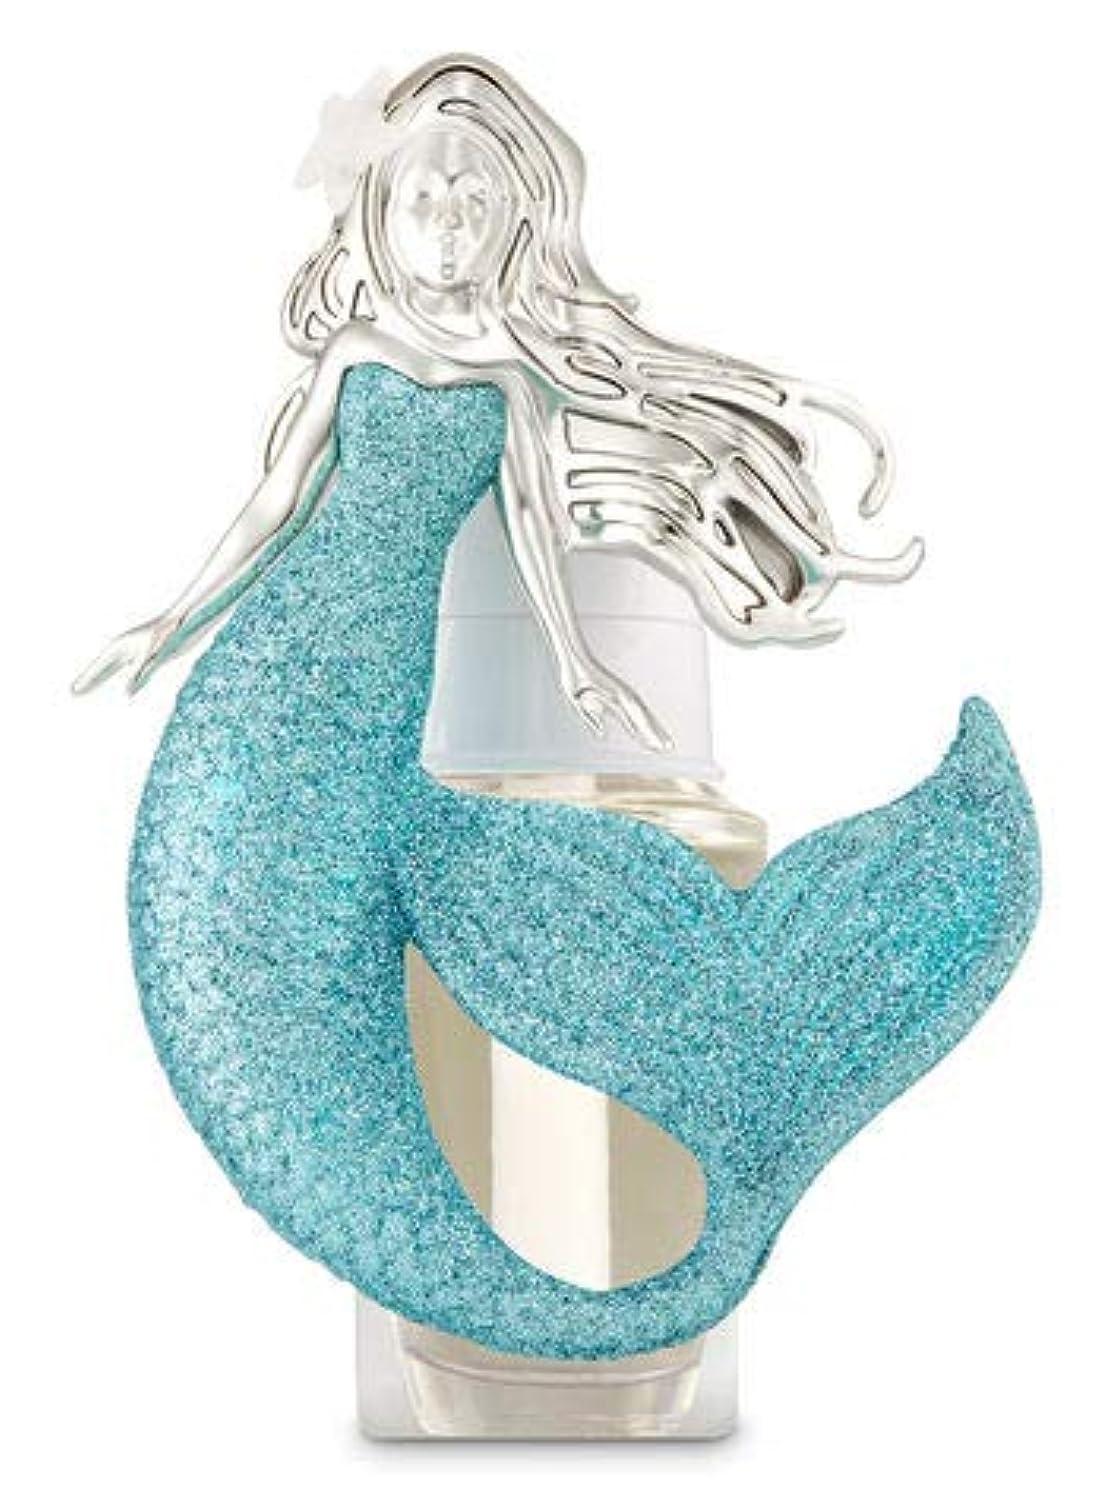 コンソール専ら与える【Bath&Body Works/バス&ボディワークス】 ルームフレグランス プラグインスターター (本体のみ) マーメイド ナイトライト Wallflowers Fragrance Plug Mermaid Night Light [並行輸入品]